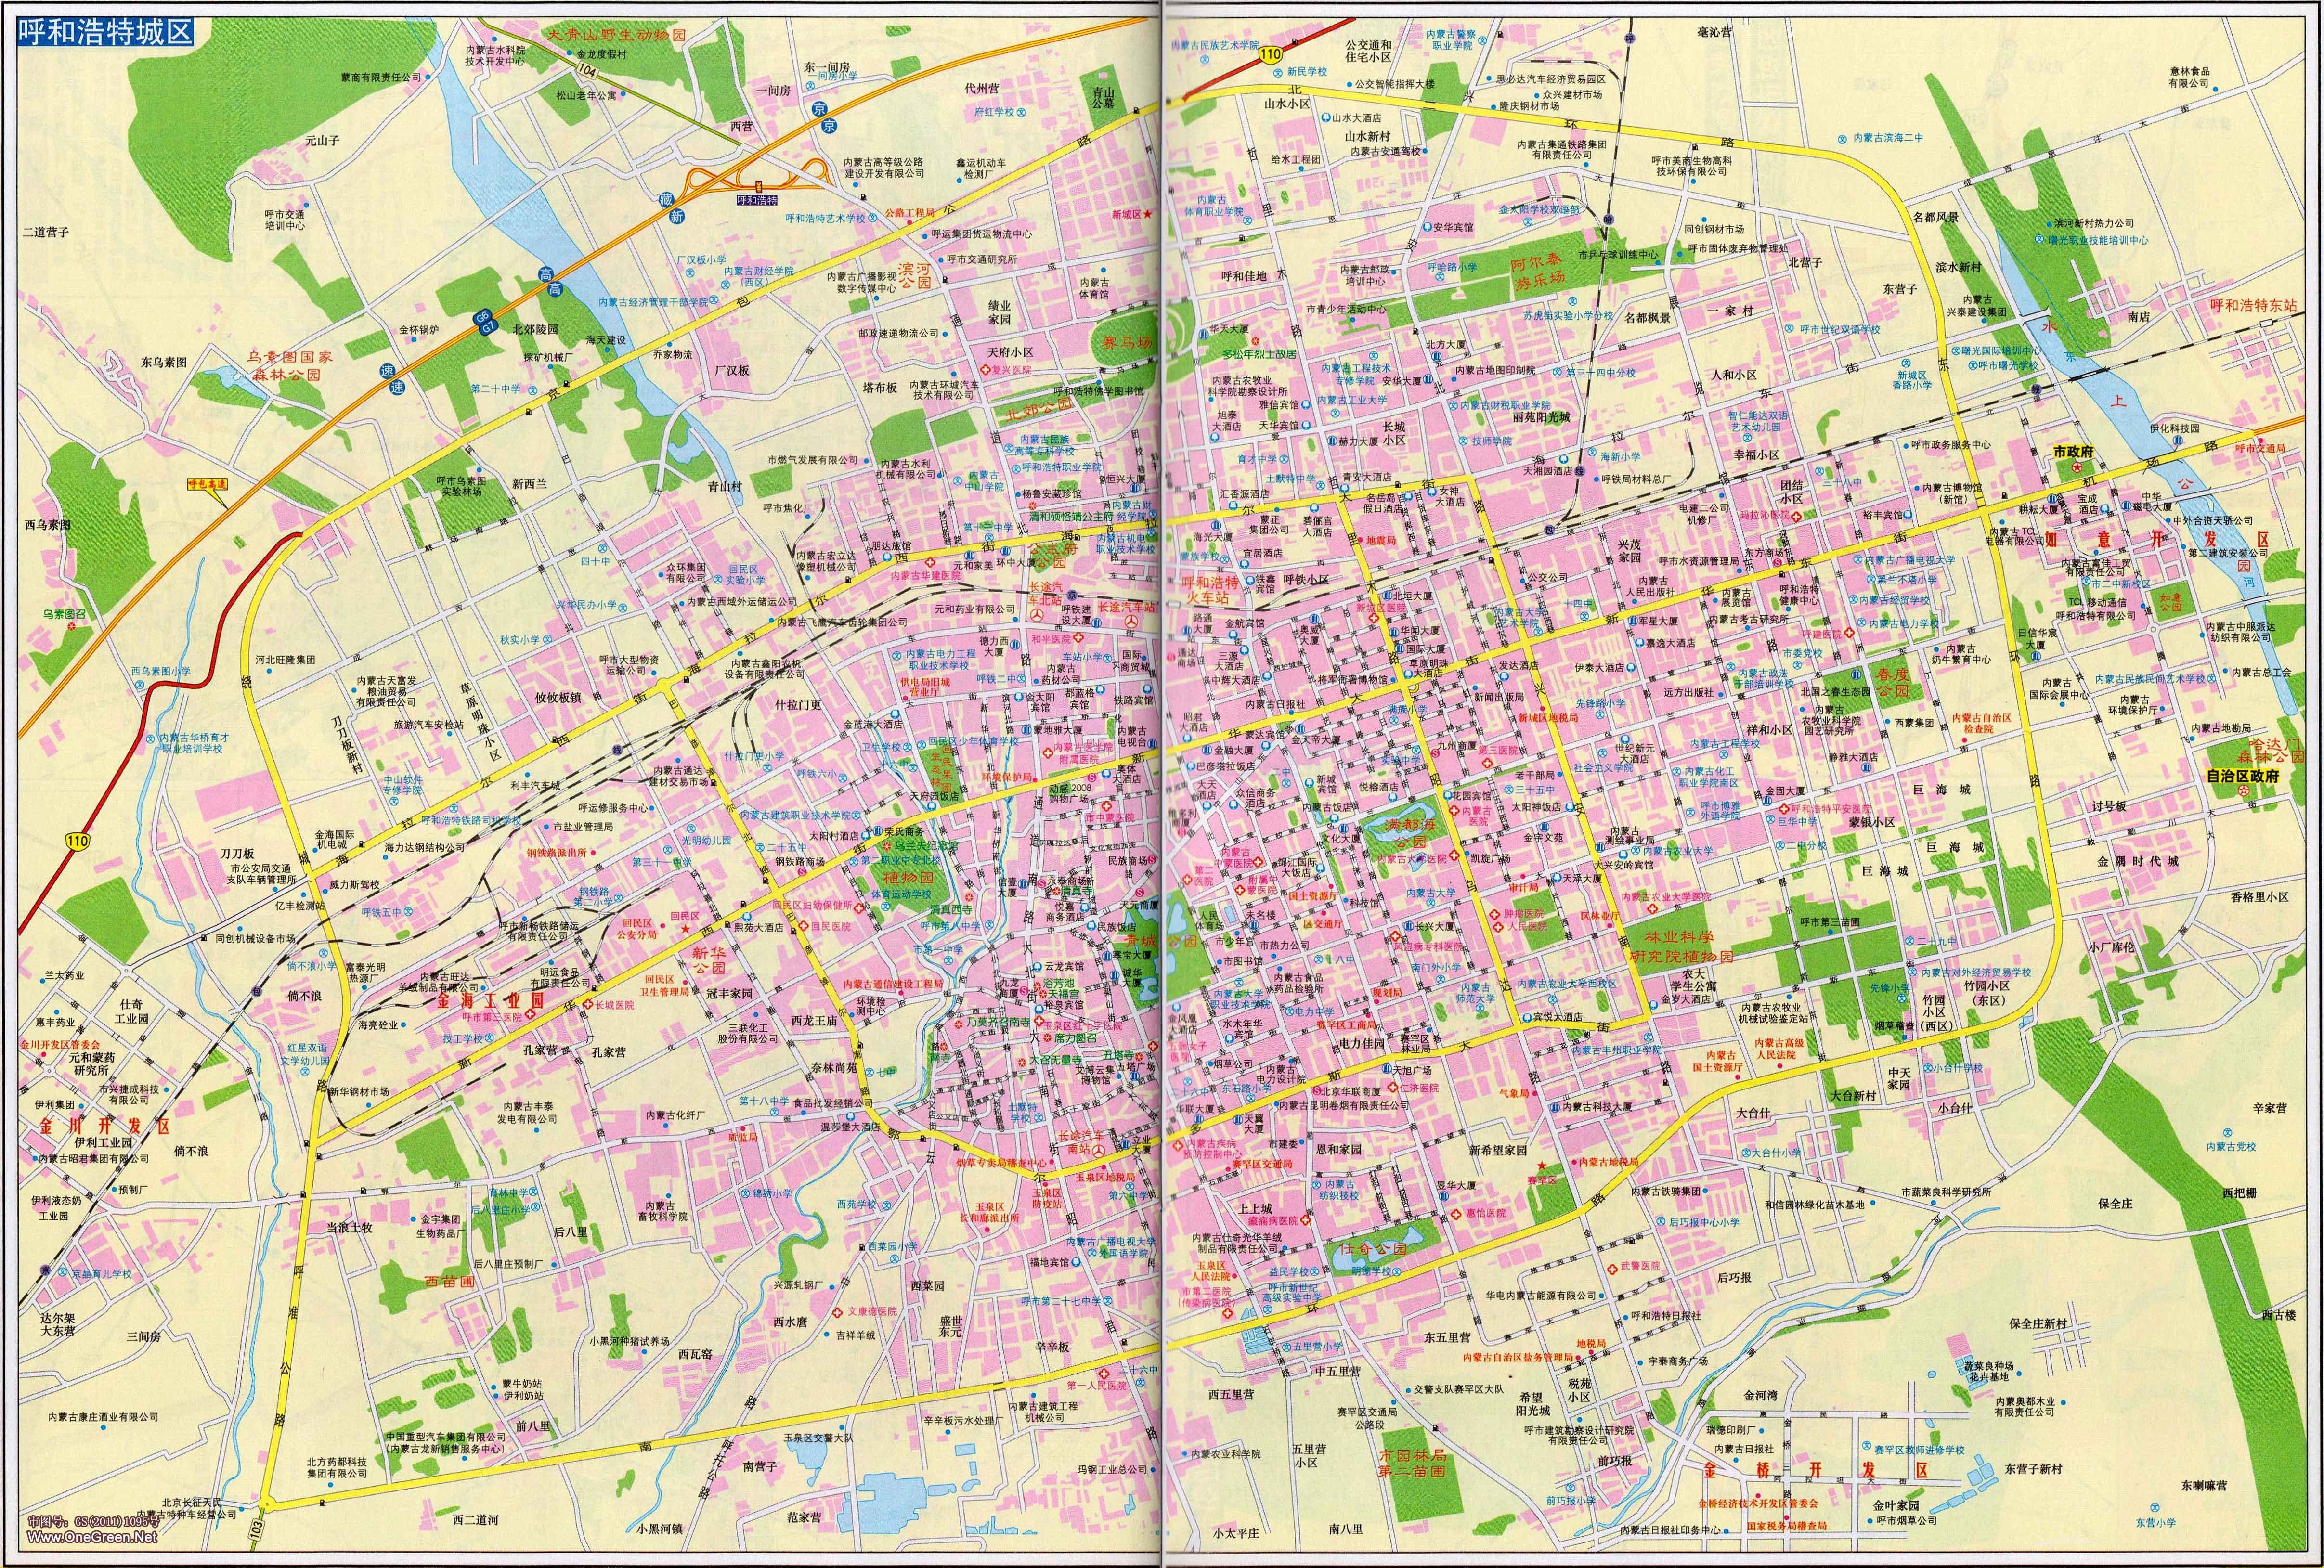 内蒙古地图全图大图_呼和浩特地图_呼和浩特市区地图全图高清版_地图窝